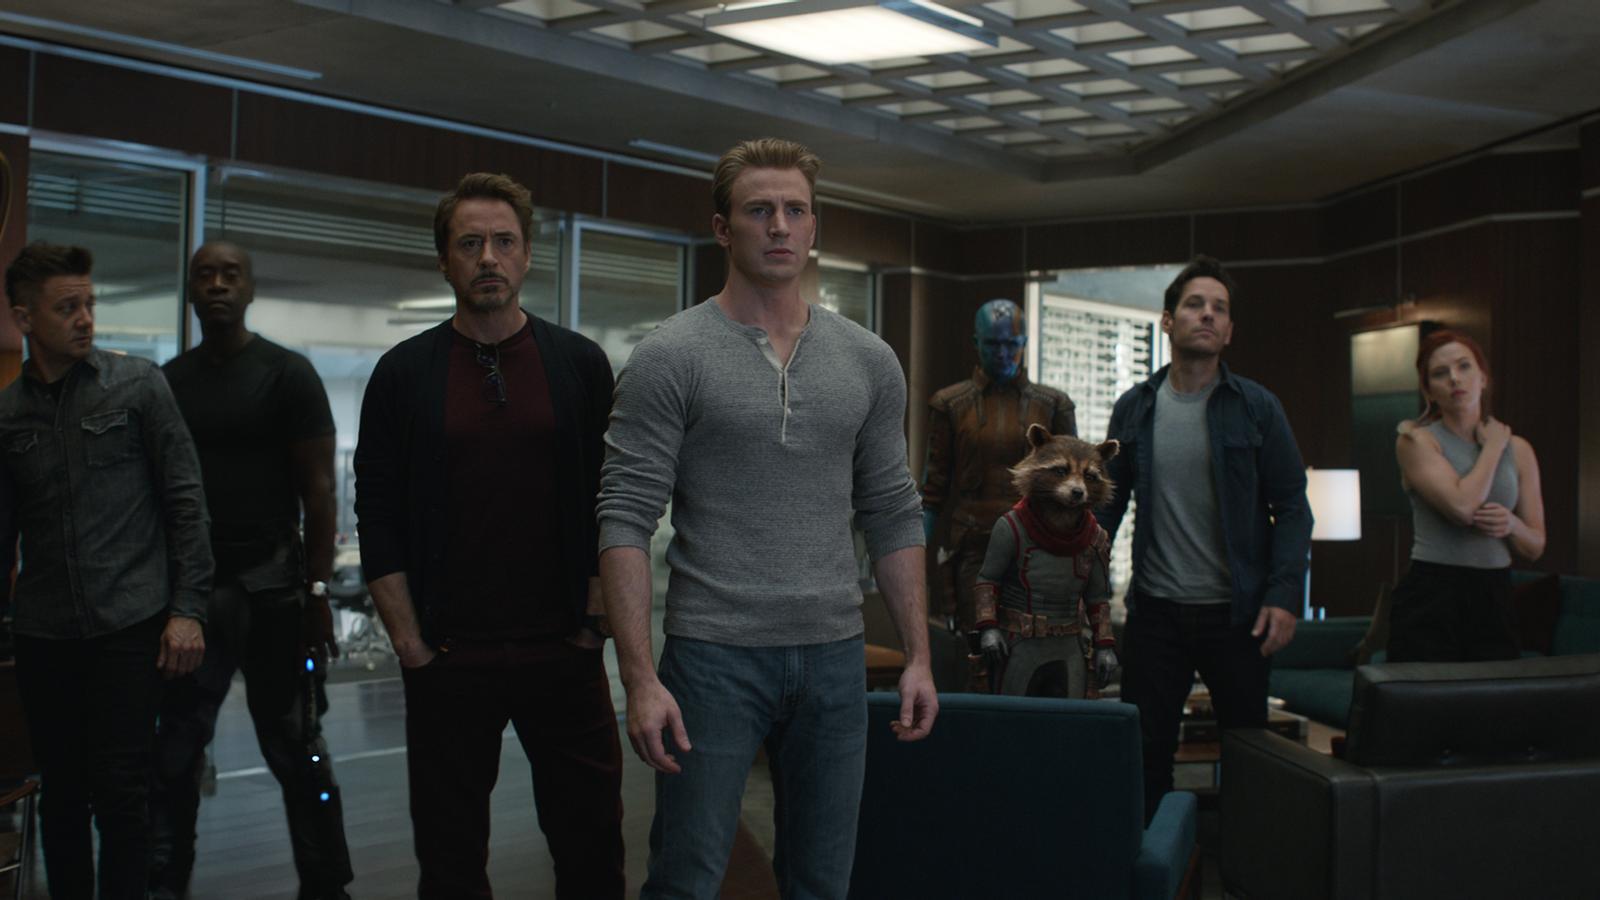 'Vengadores: Endgame', l'univers cinematogràfic Marvel entona l'hora dels adéus